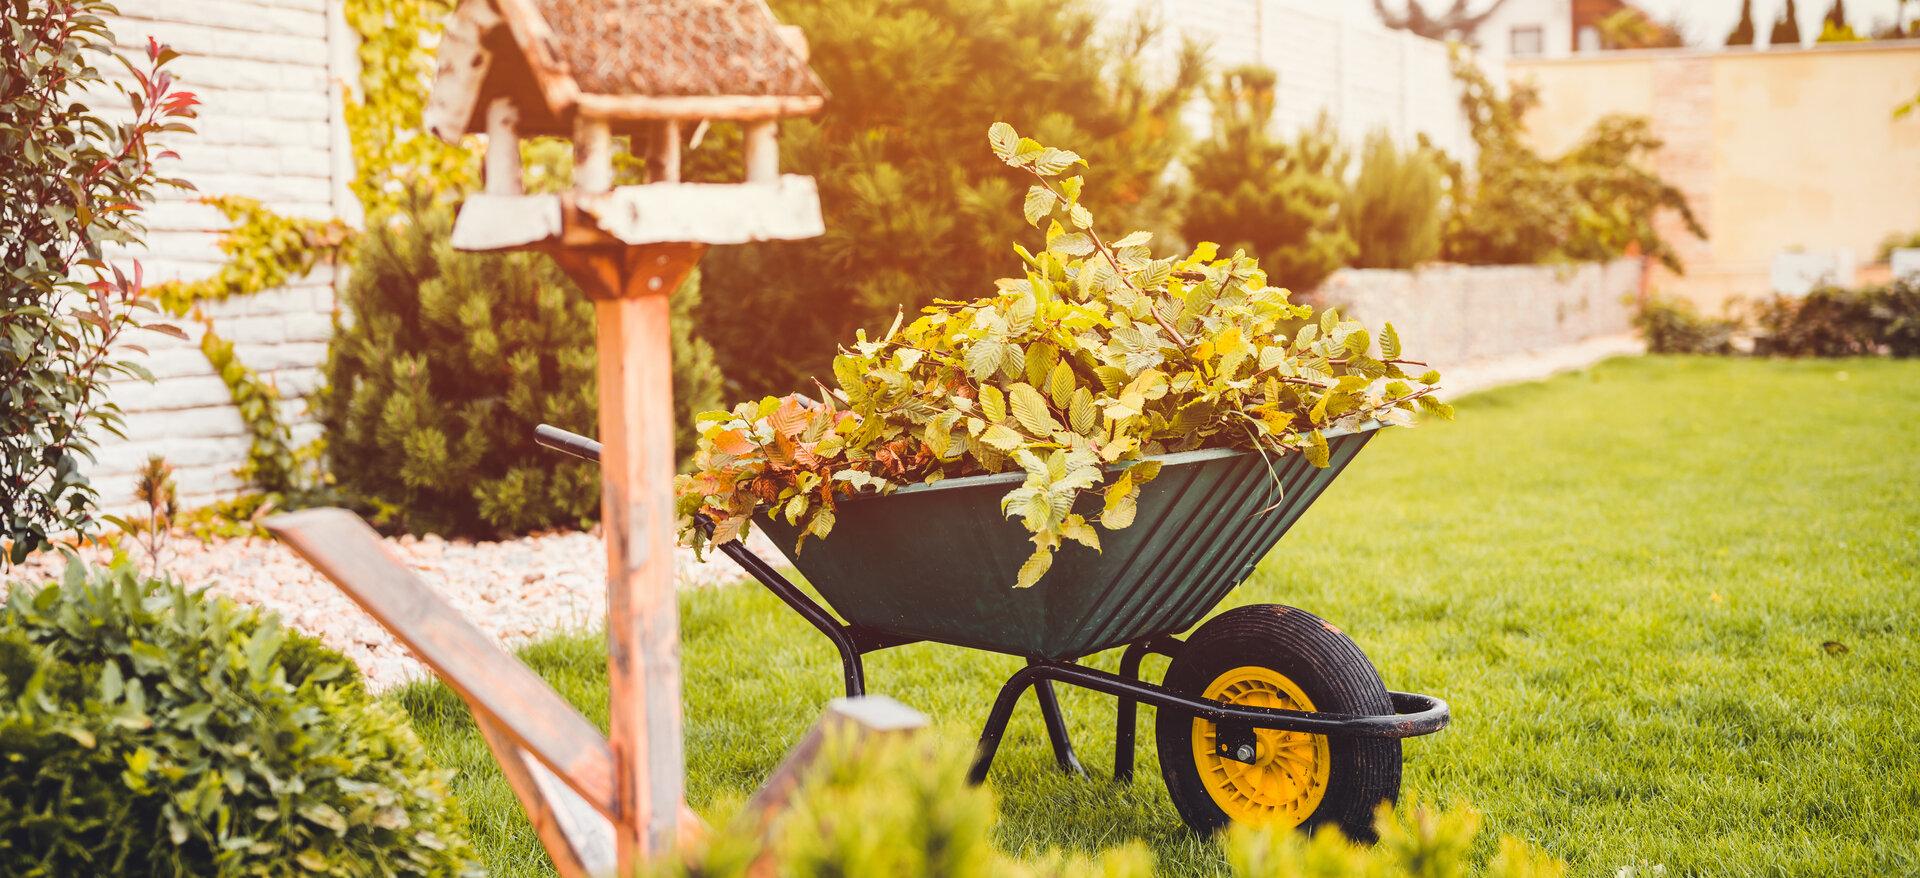 tuin-herfst-kruiwagen-bladeren.jpeg